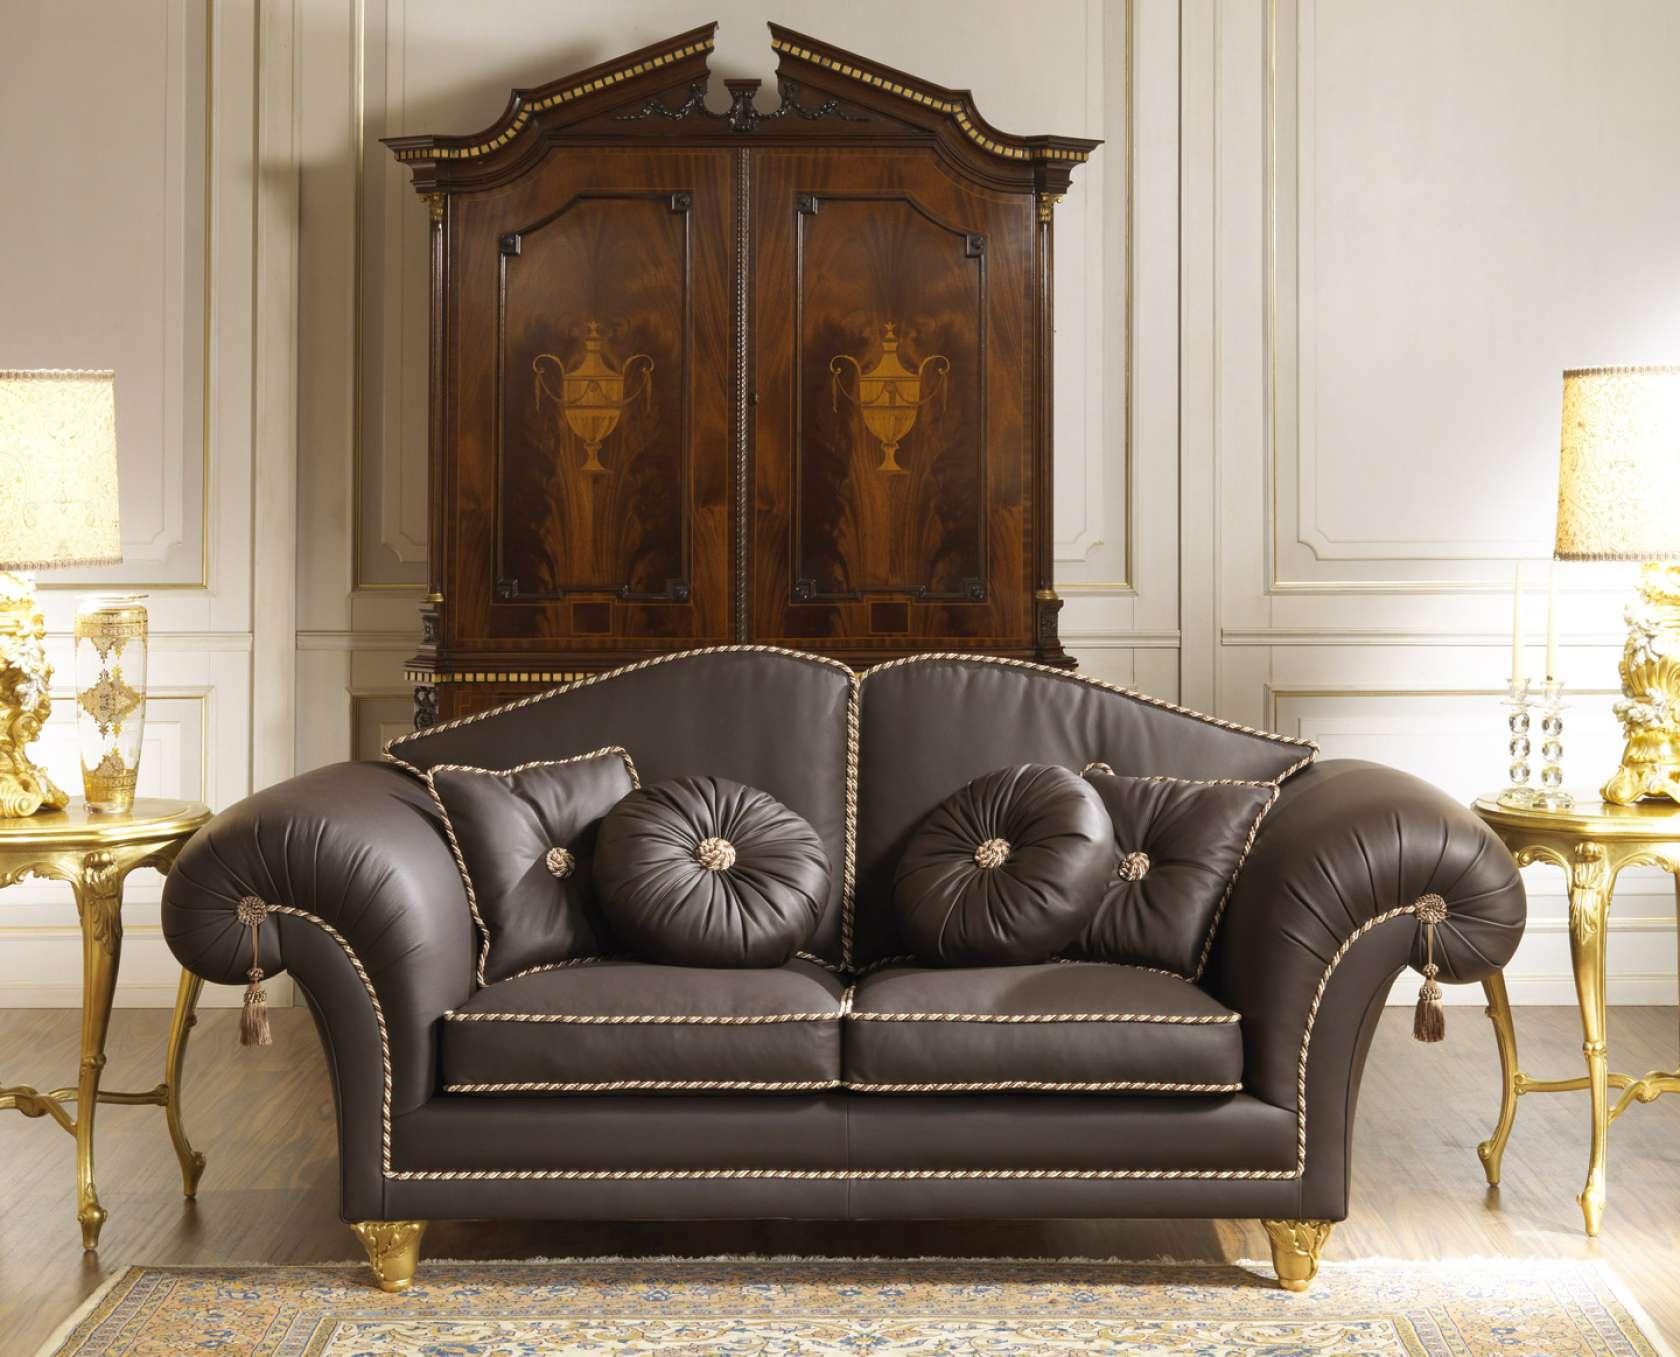 Divani Classici Di Lusso Pelle.Divano In Pelle Per Salotto Di Lusso Vimercati Classic Furniture